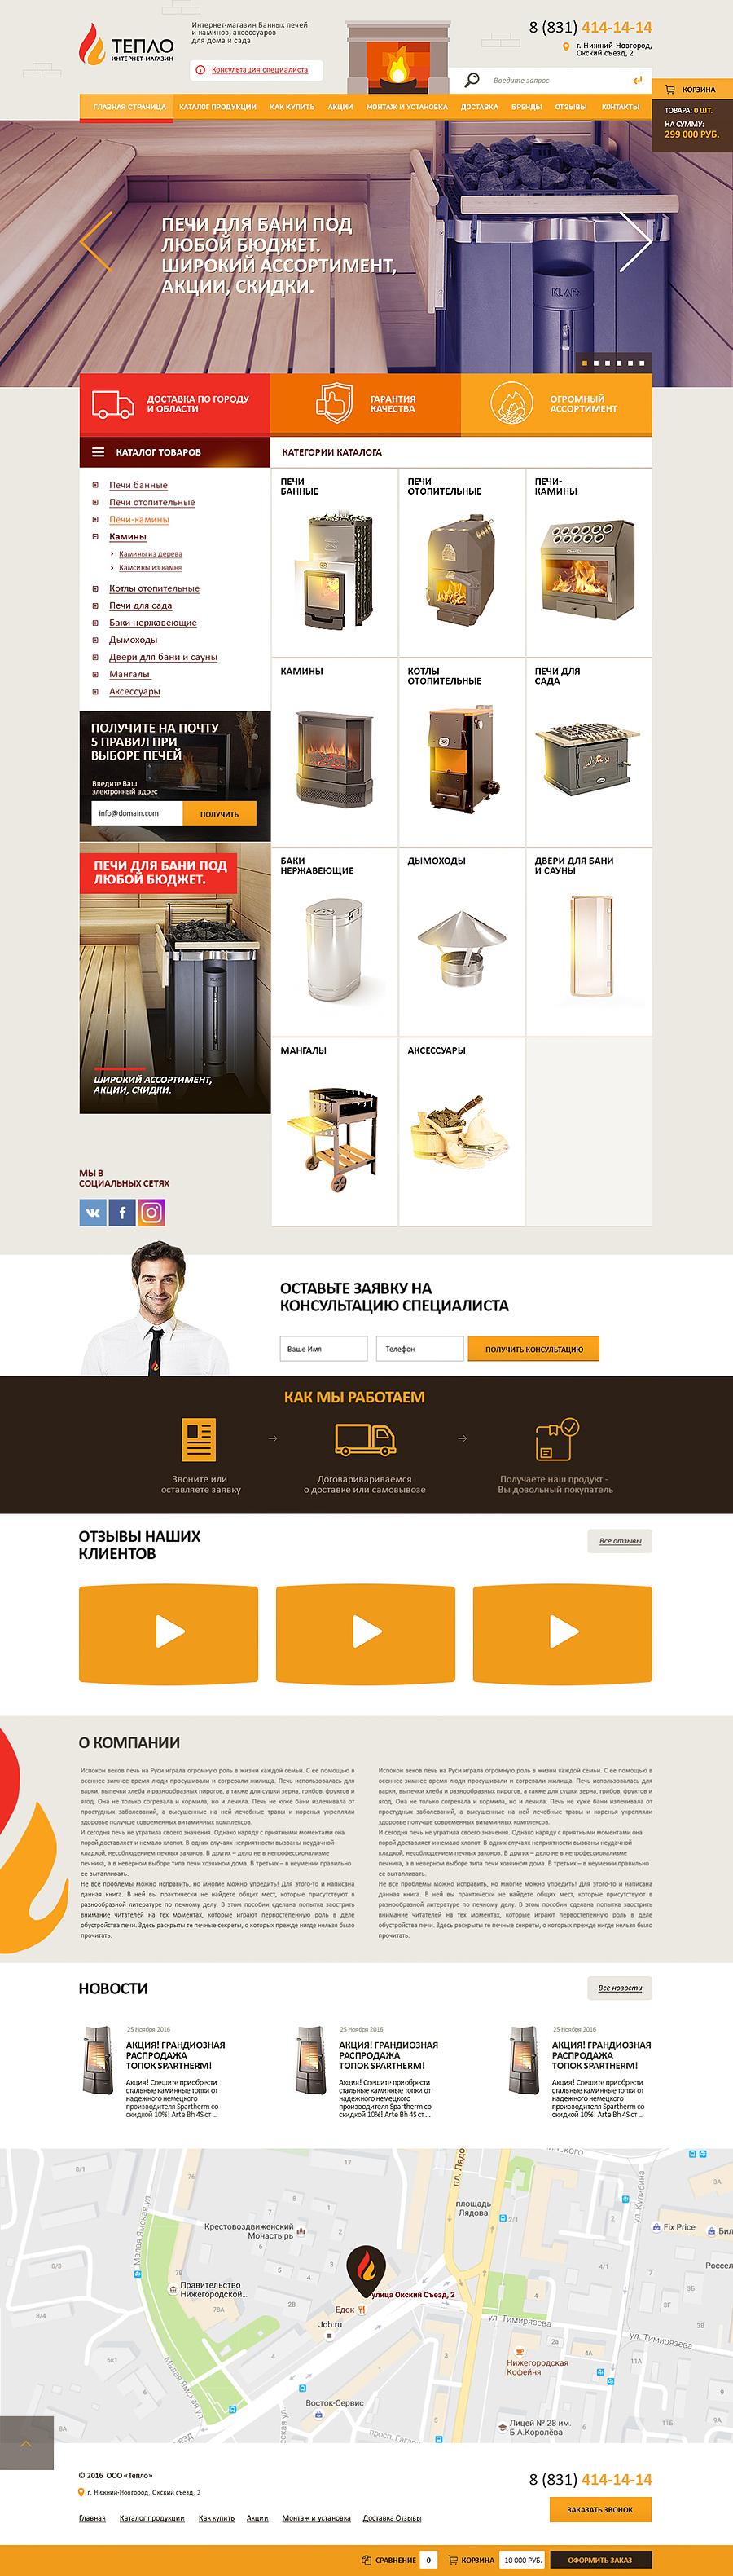 Тепло | Интернет-магазин каминов